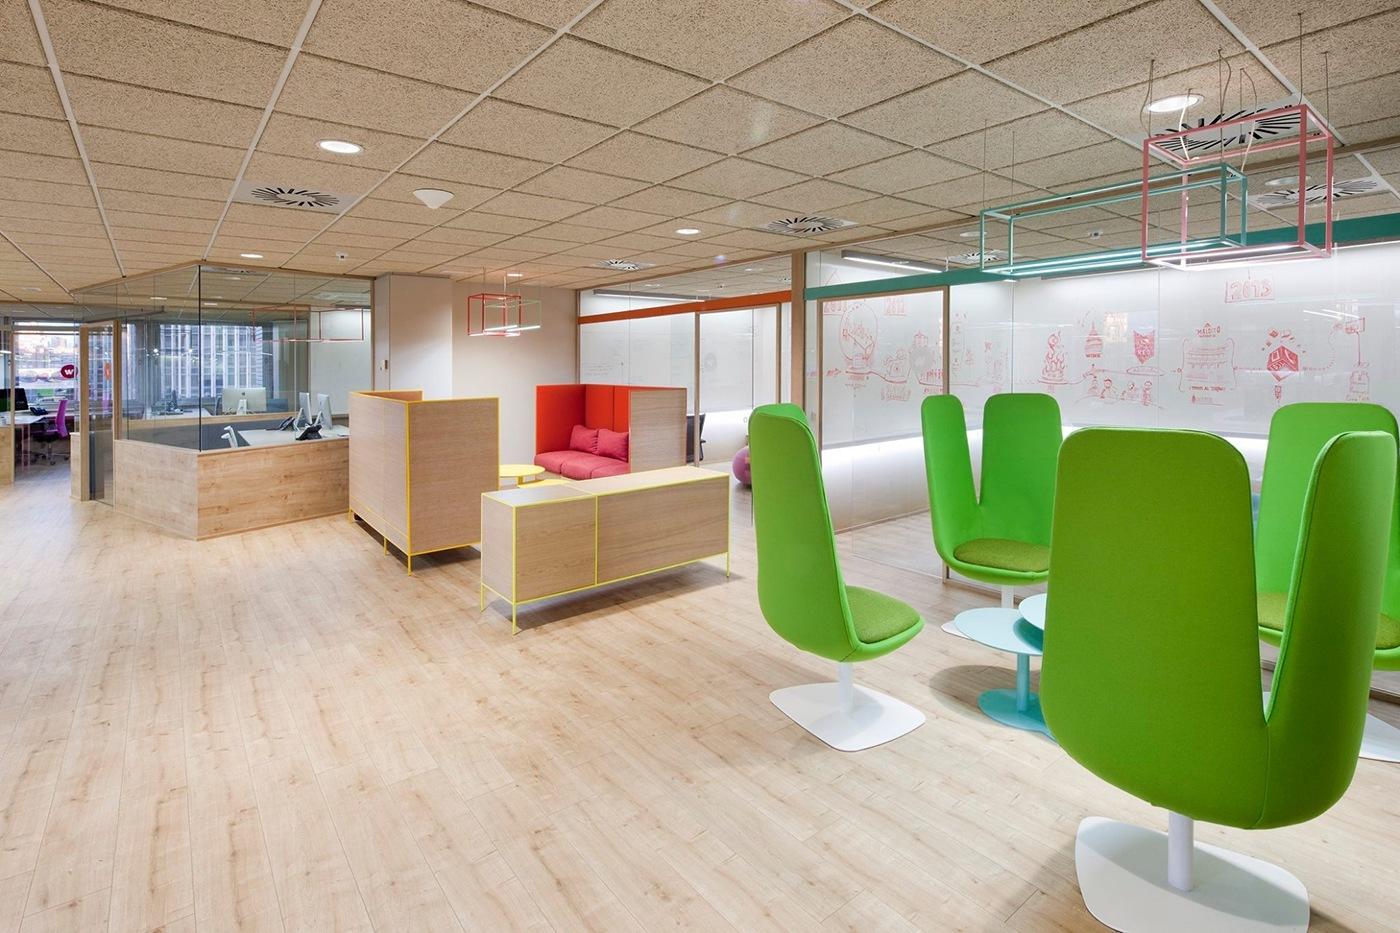 A Look Inside Wink's Madrid Office